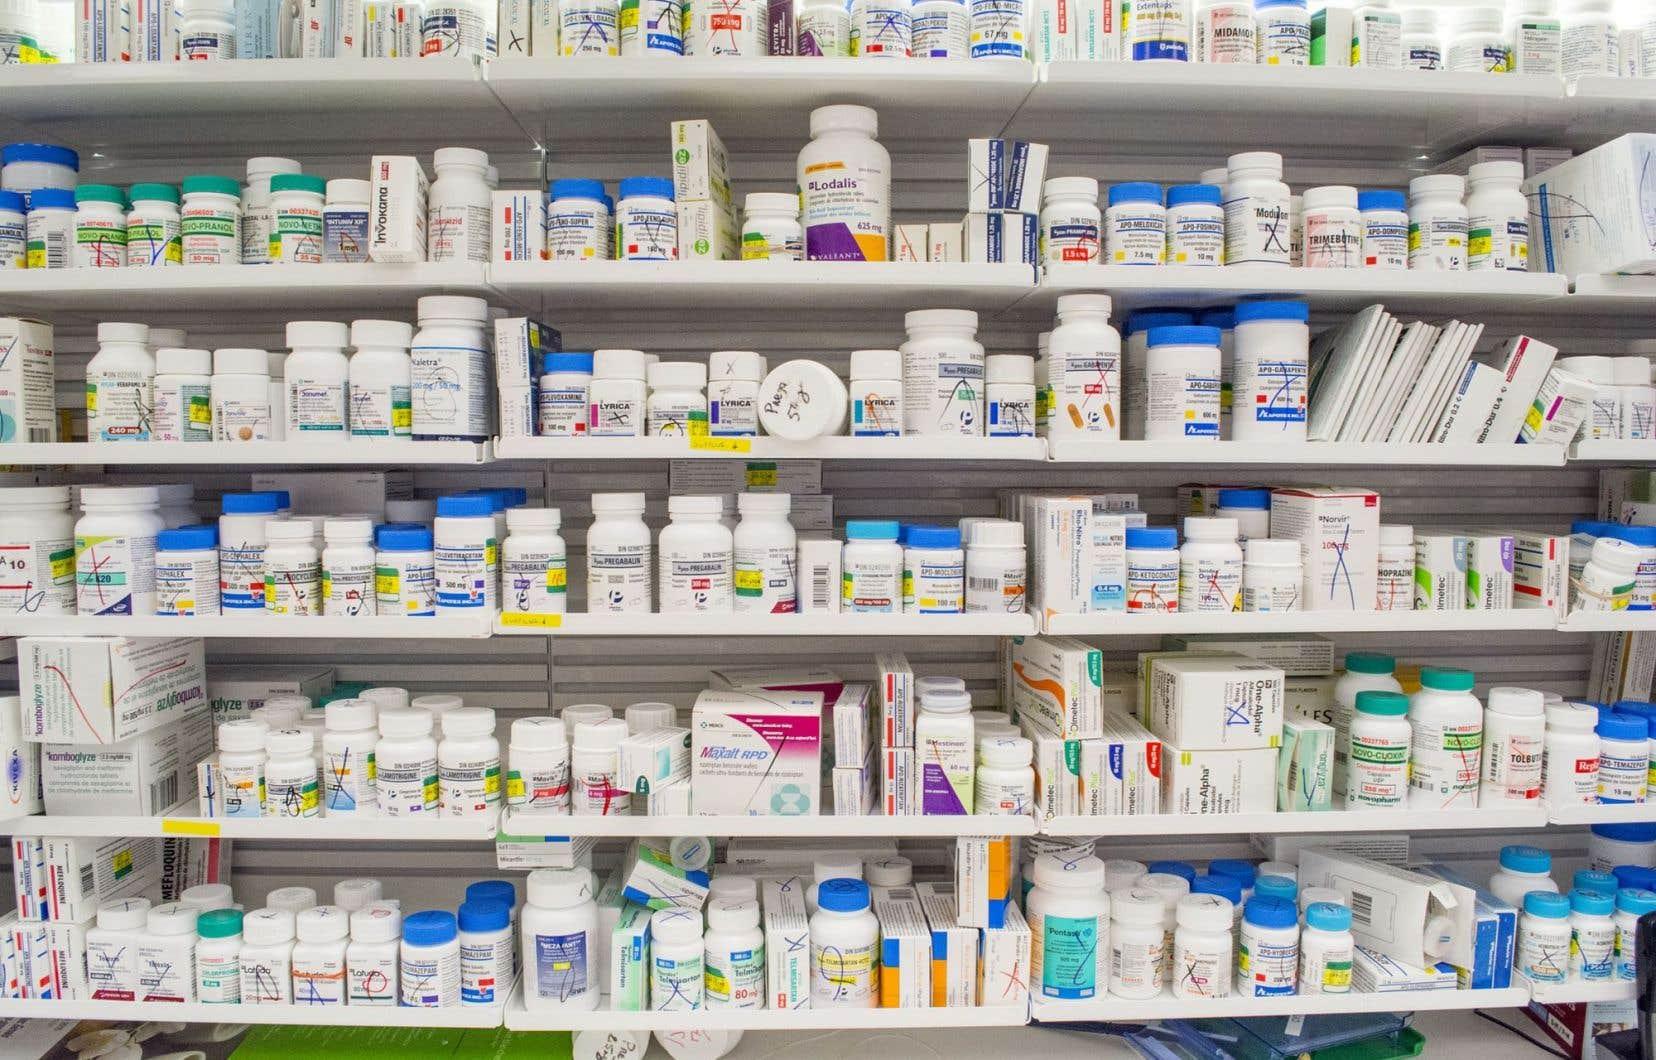 «Aurait-on besoin d'une étude sur les conséquences de ne pas prendre ses médicaments pour agir ?» demandent les auteurs.